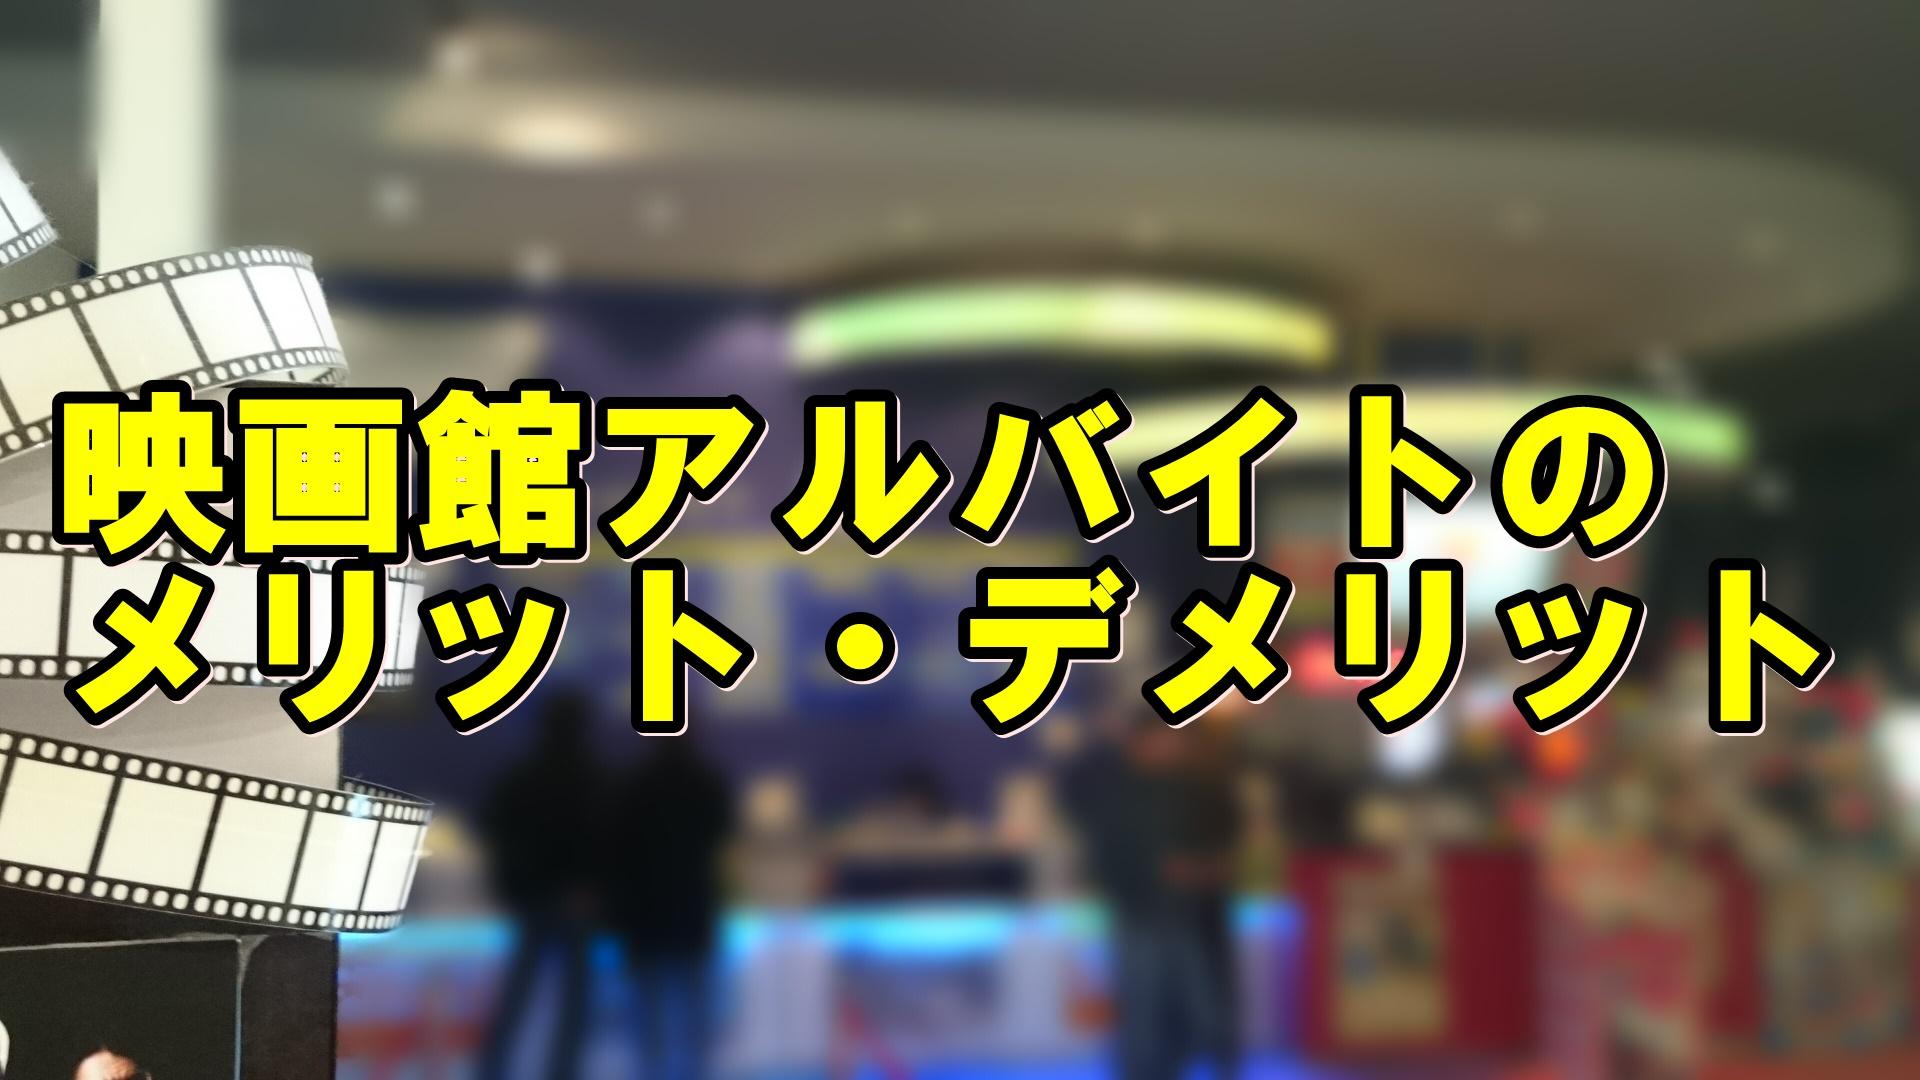 館 バイト 映画 アルバイト志望動機